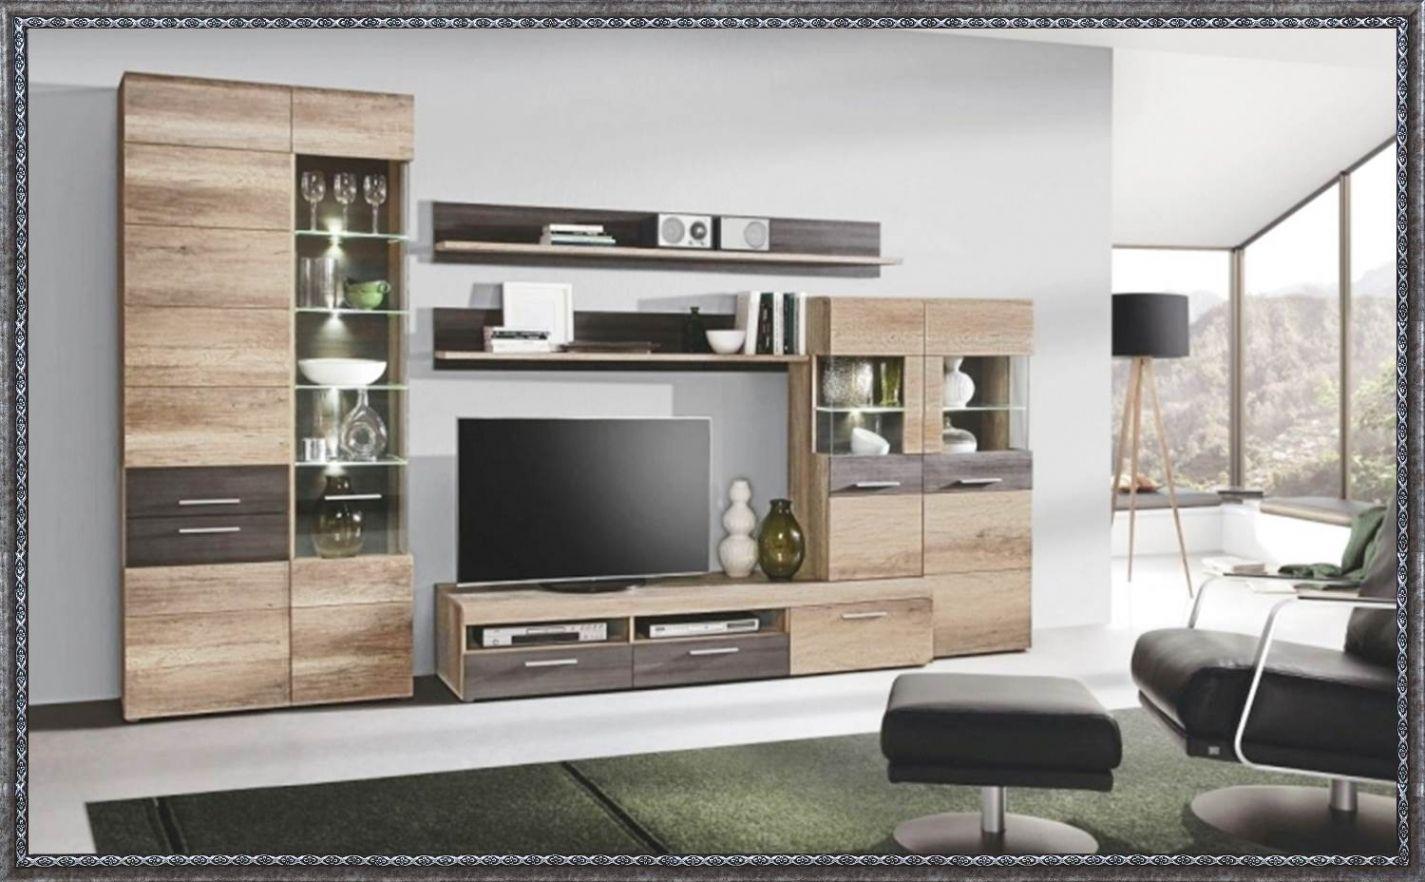 Schön Wohnzimmermöbel Poco  Home, Home n decor, Home decor